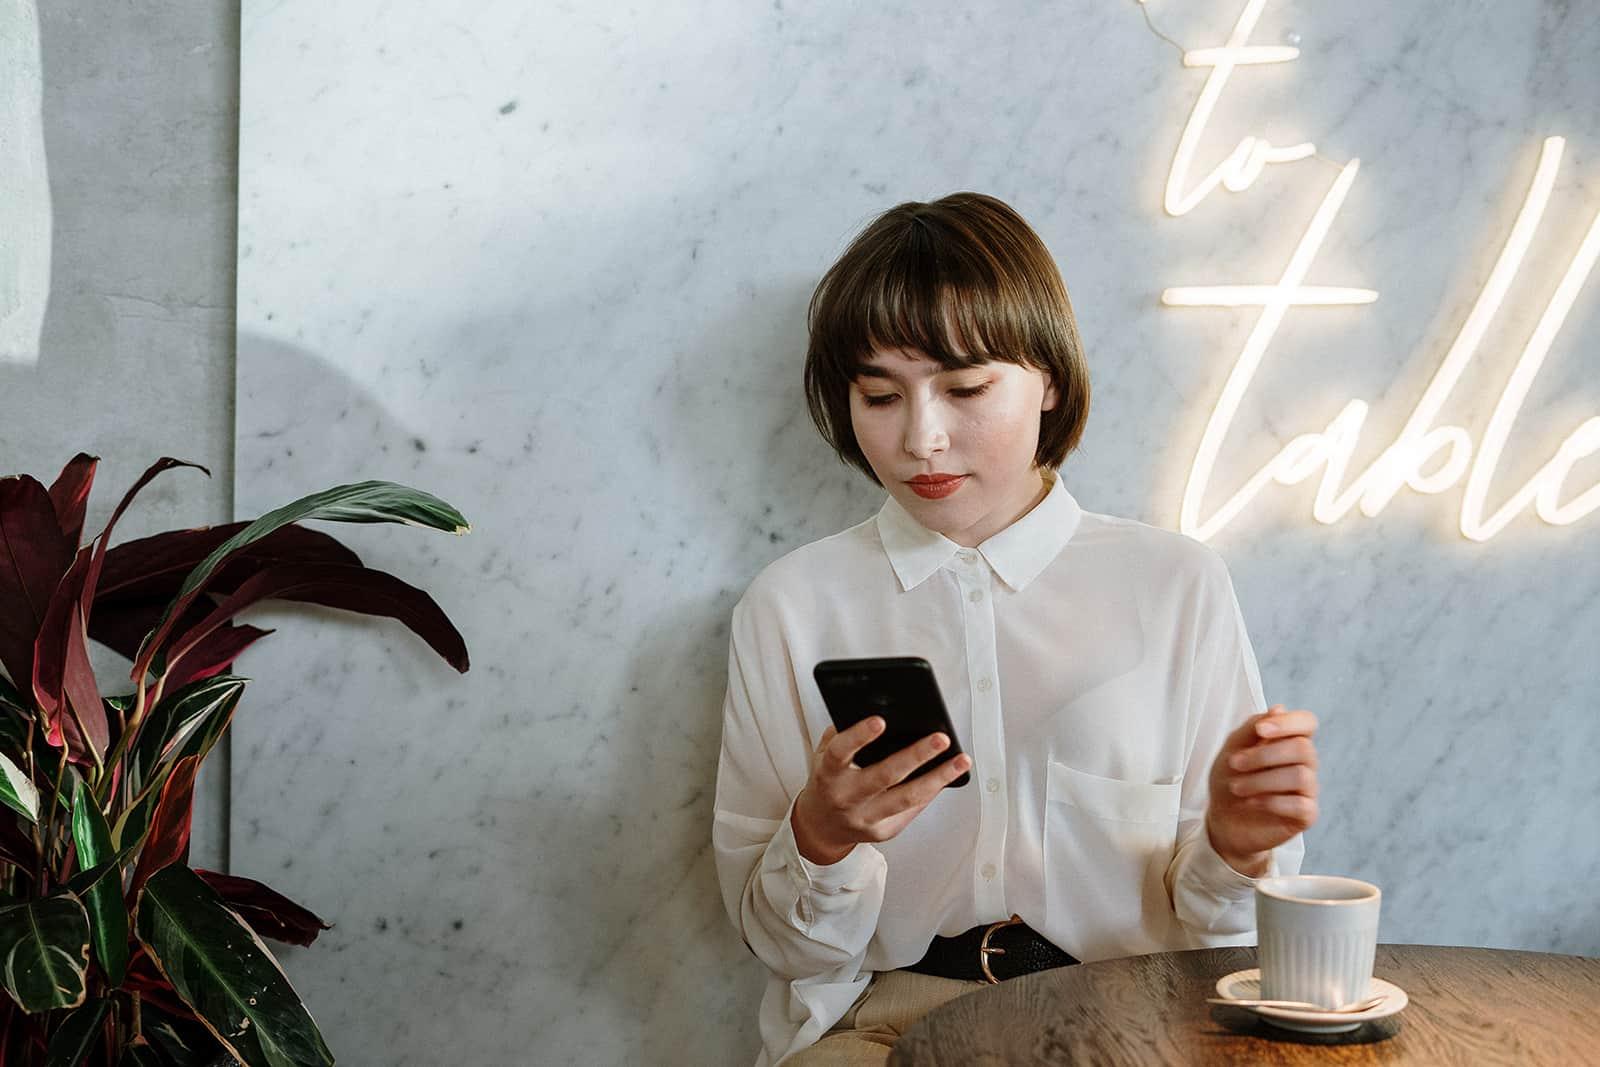 eine Frau, die ein Smartphone benutzt, während sie alleine in einem Café sitzt